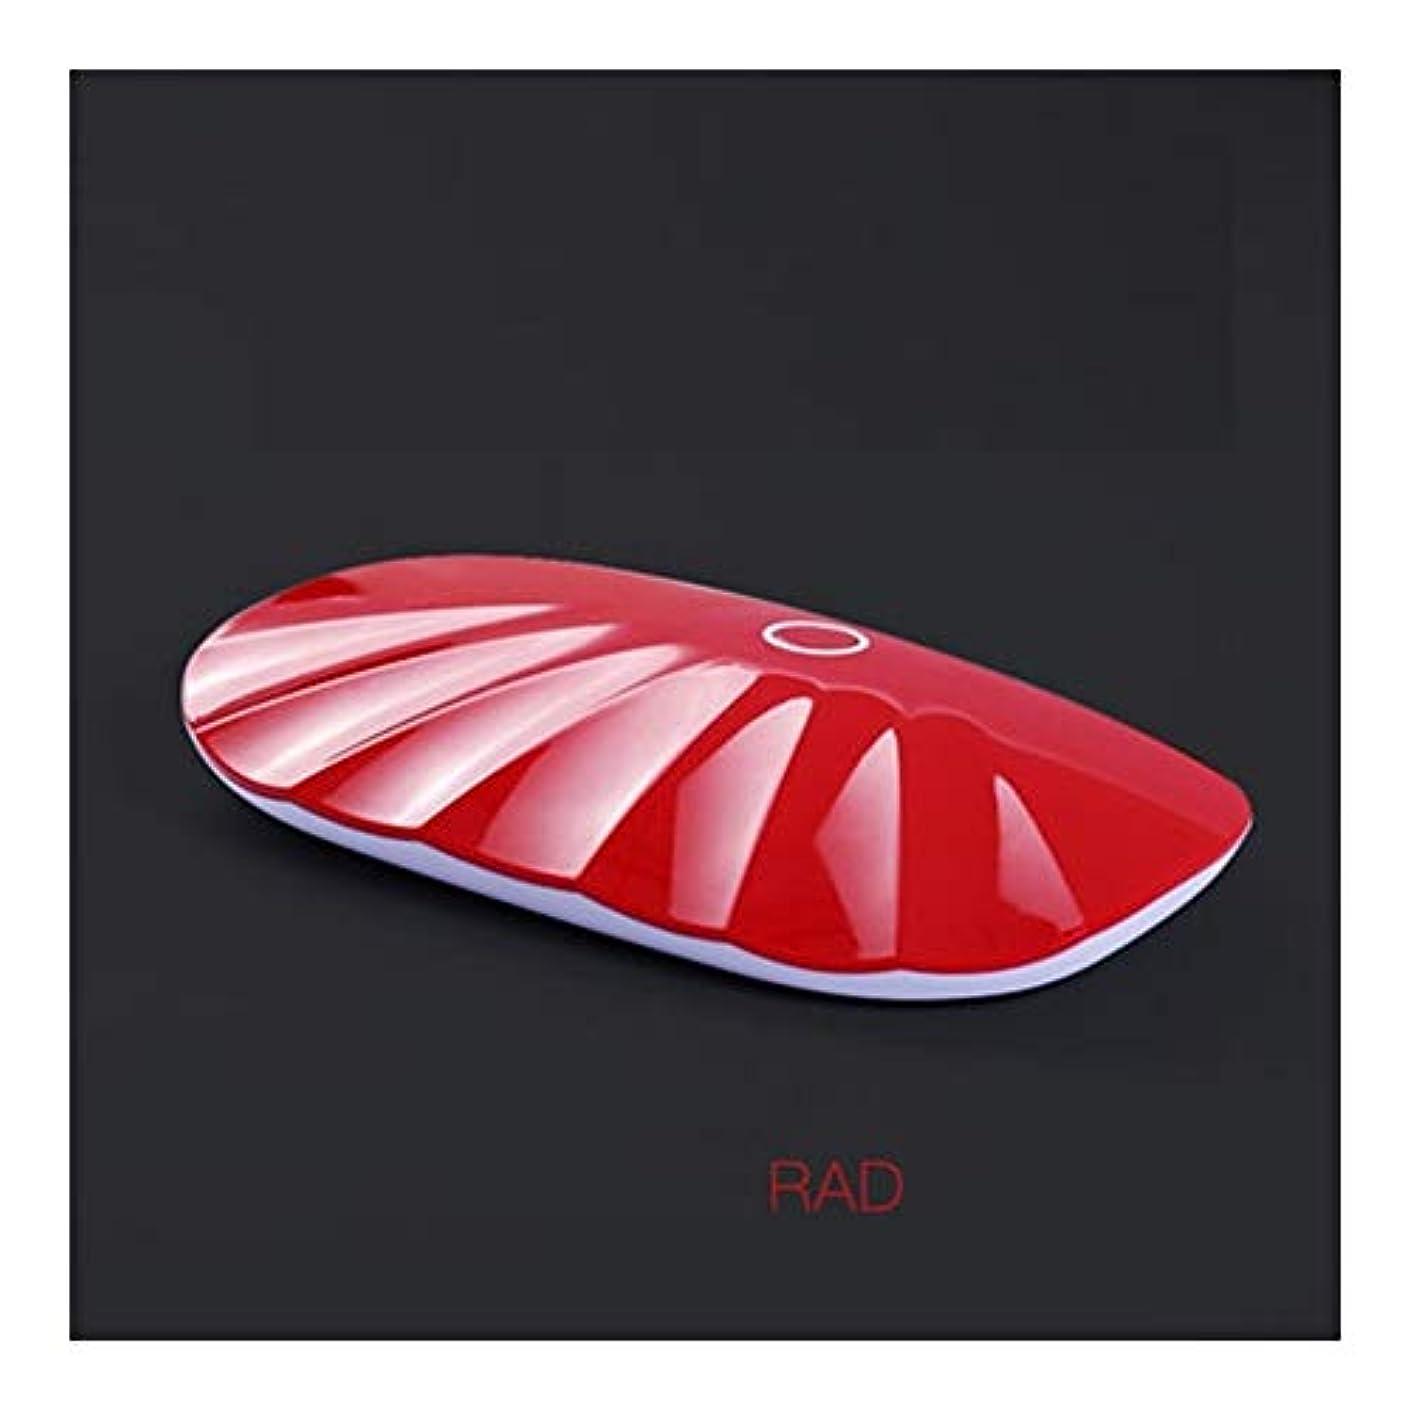 王女奨励しますうれしいLittleCat ミニポータブルLEDライトセラピー機ドライヤーネイルネイルUSBランプ照明ベーキングゴムトリートメント (色 : 赤)